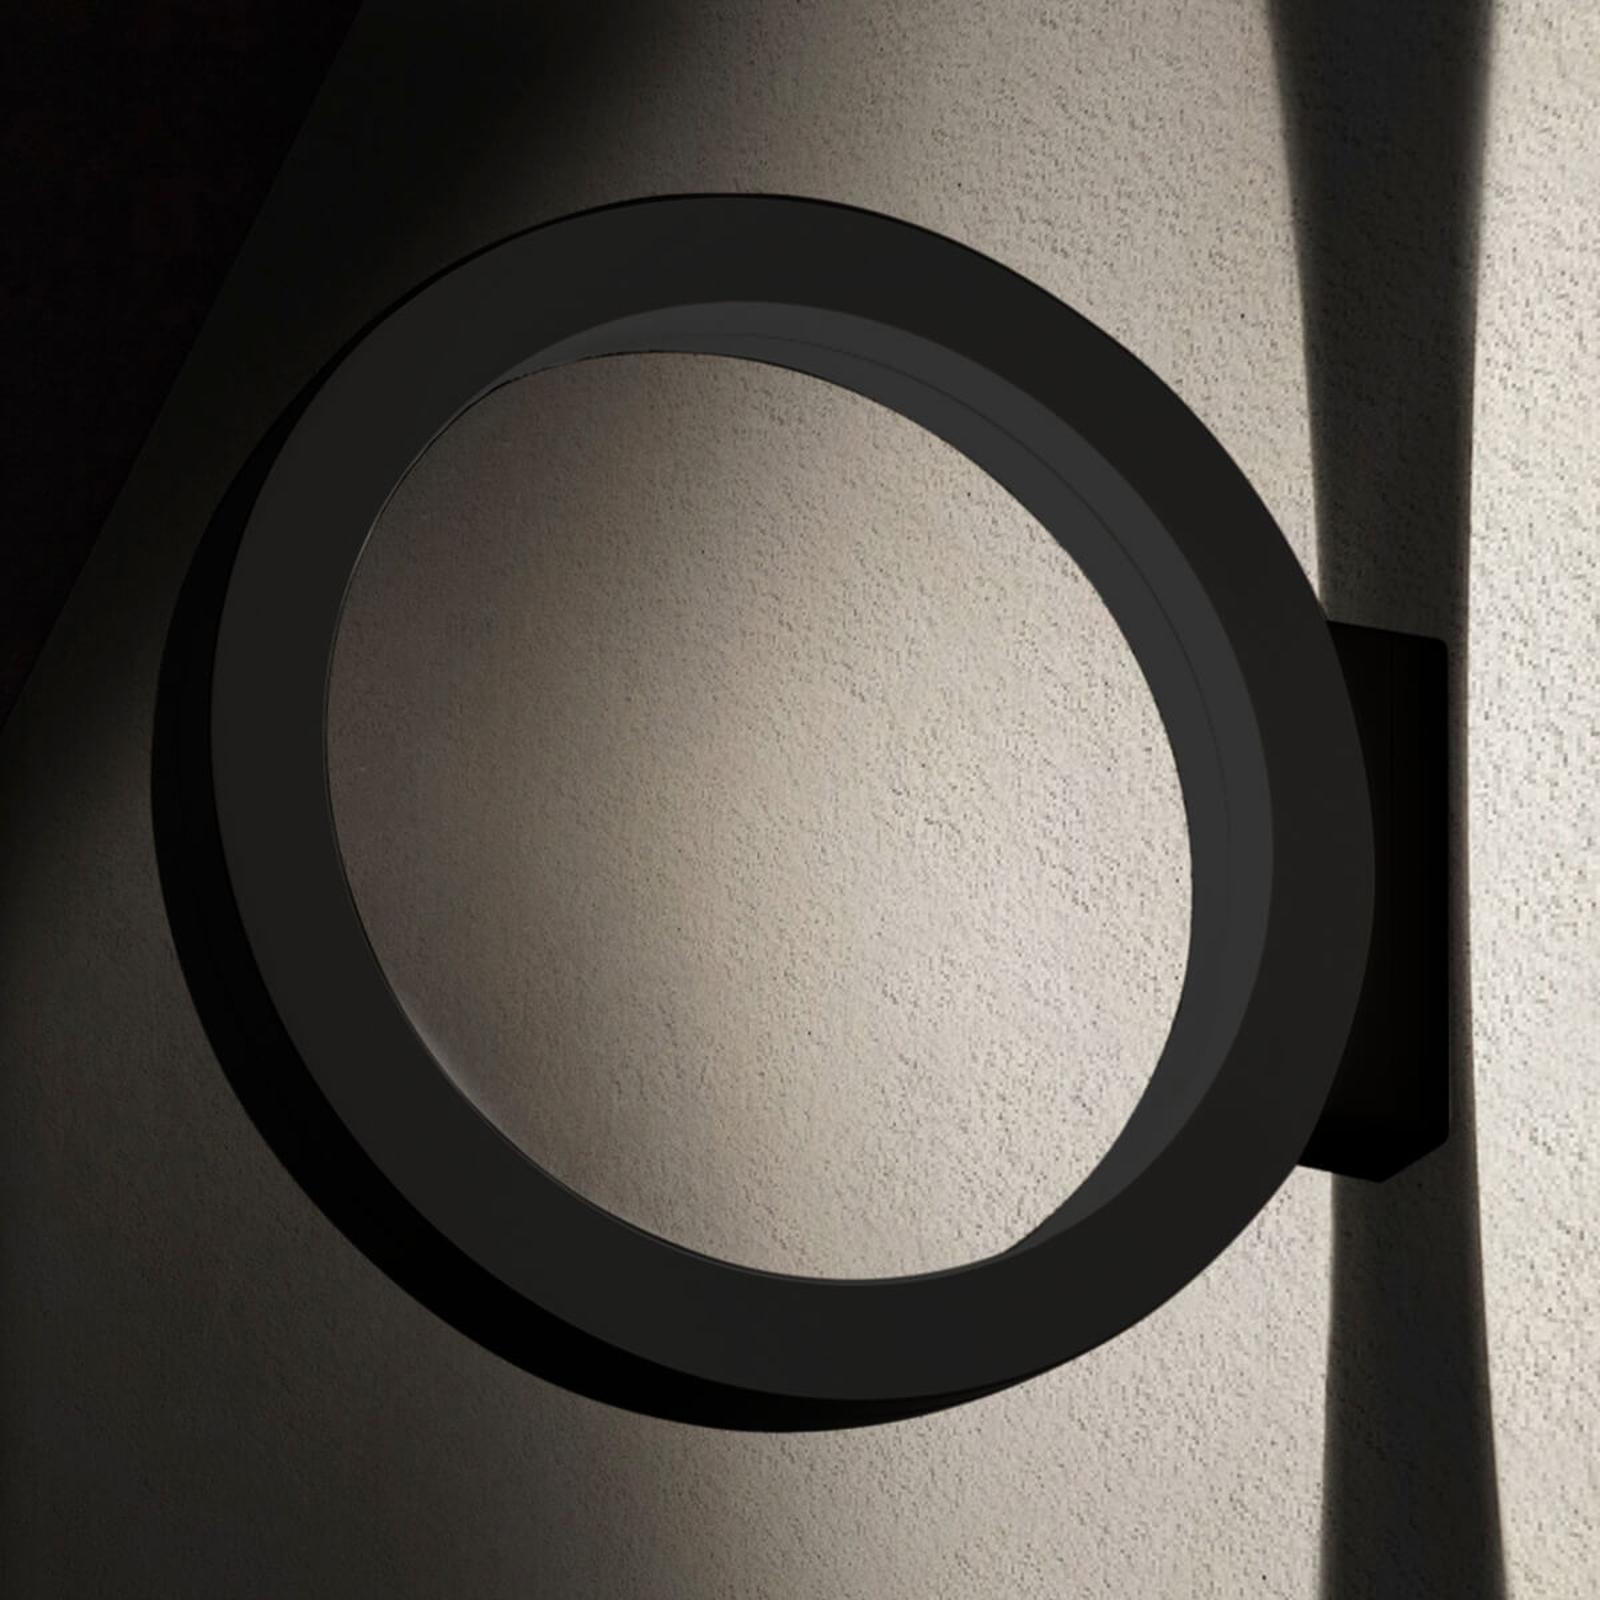 Cini&Nils Assolo LED-Außenwandlampe, anthrazit